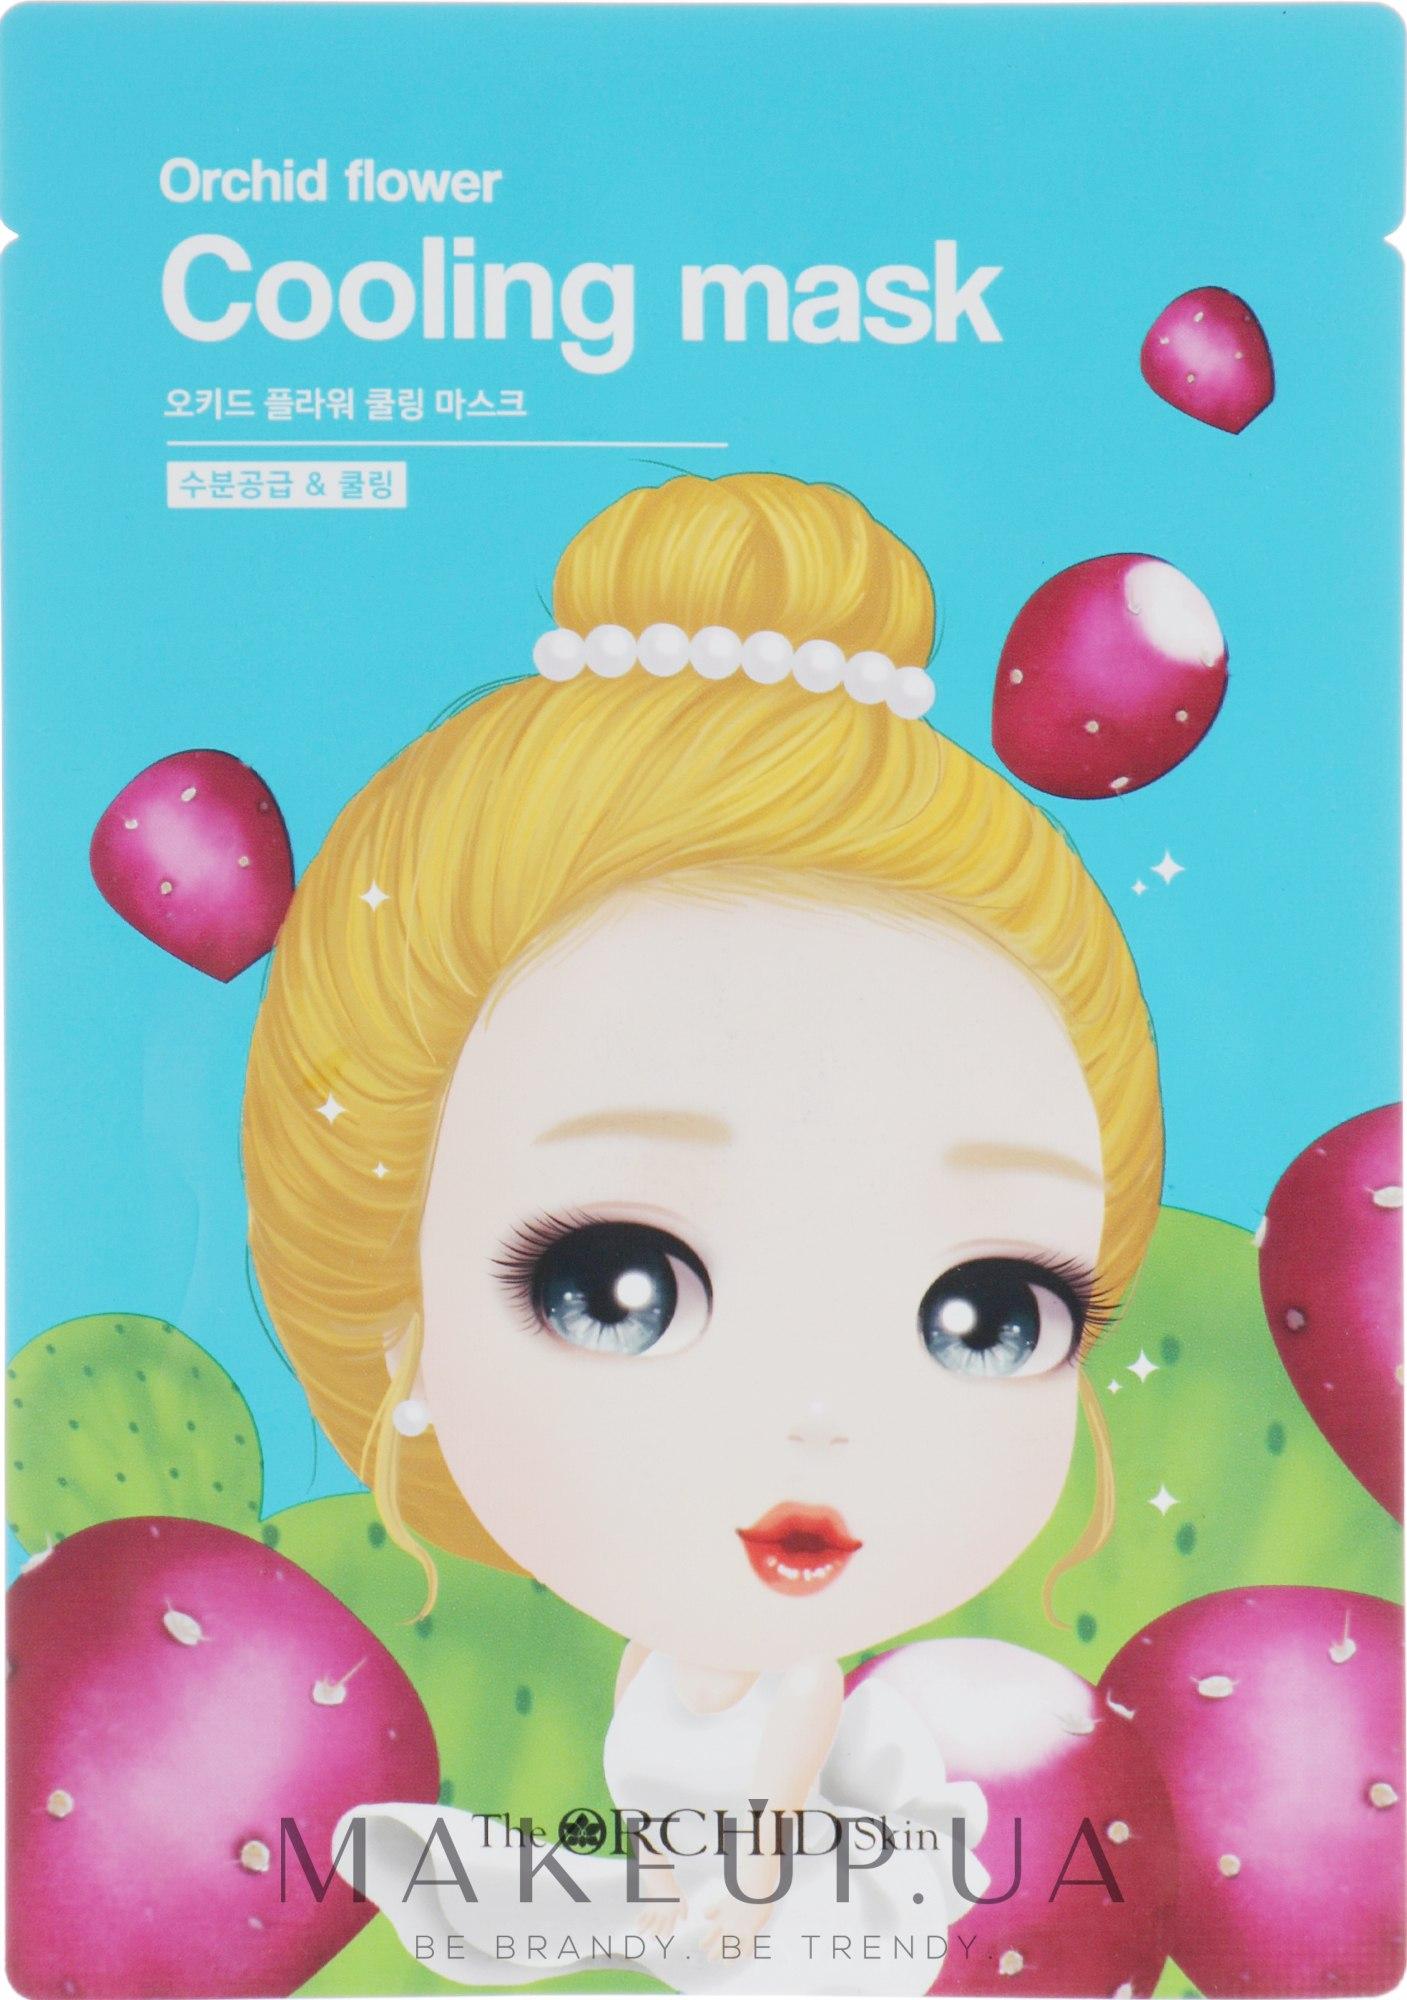 Тканевая маска для лица охлаждающая - The Orchid Skin Orchid Flower Cooling Mask — фото 25g